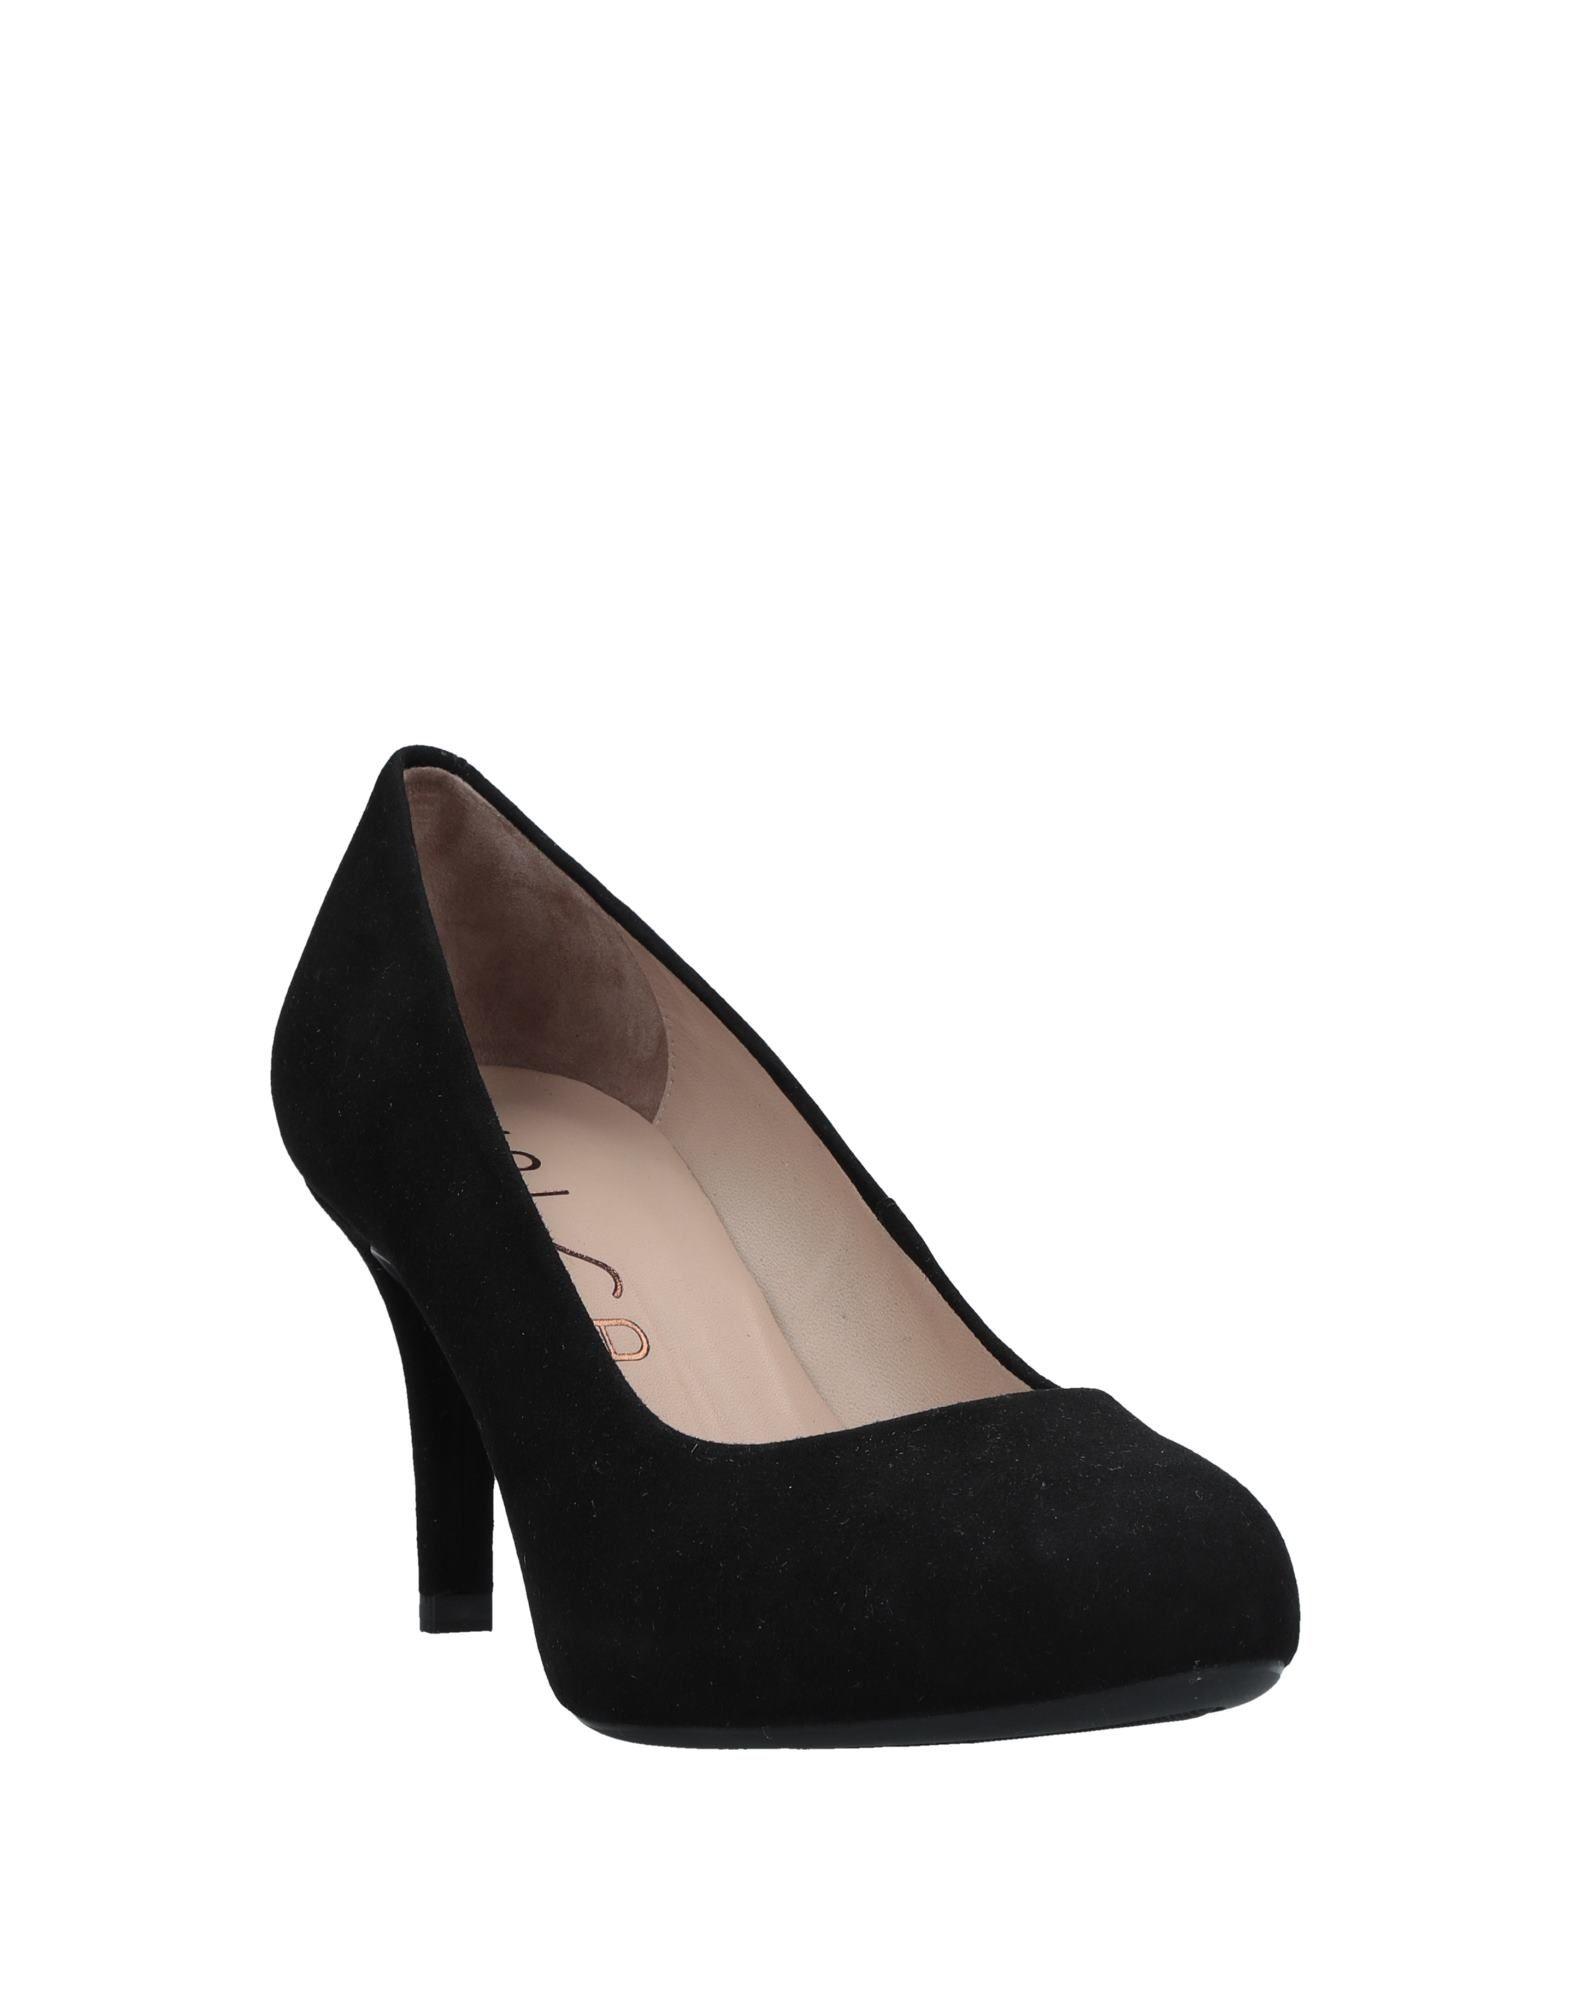 2cbb330aeedb ... Unisa Pumps Damen Schuhe 11526292RK Gute Qualität beliebte Schuhe  dc9699 ...